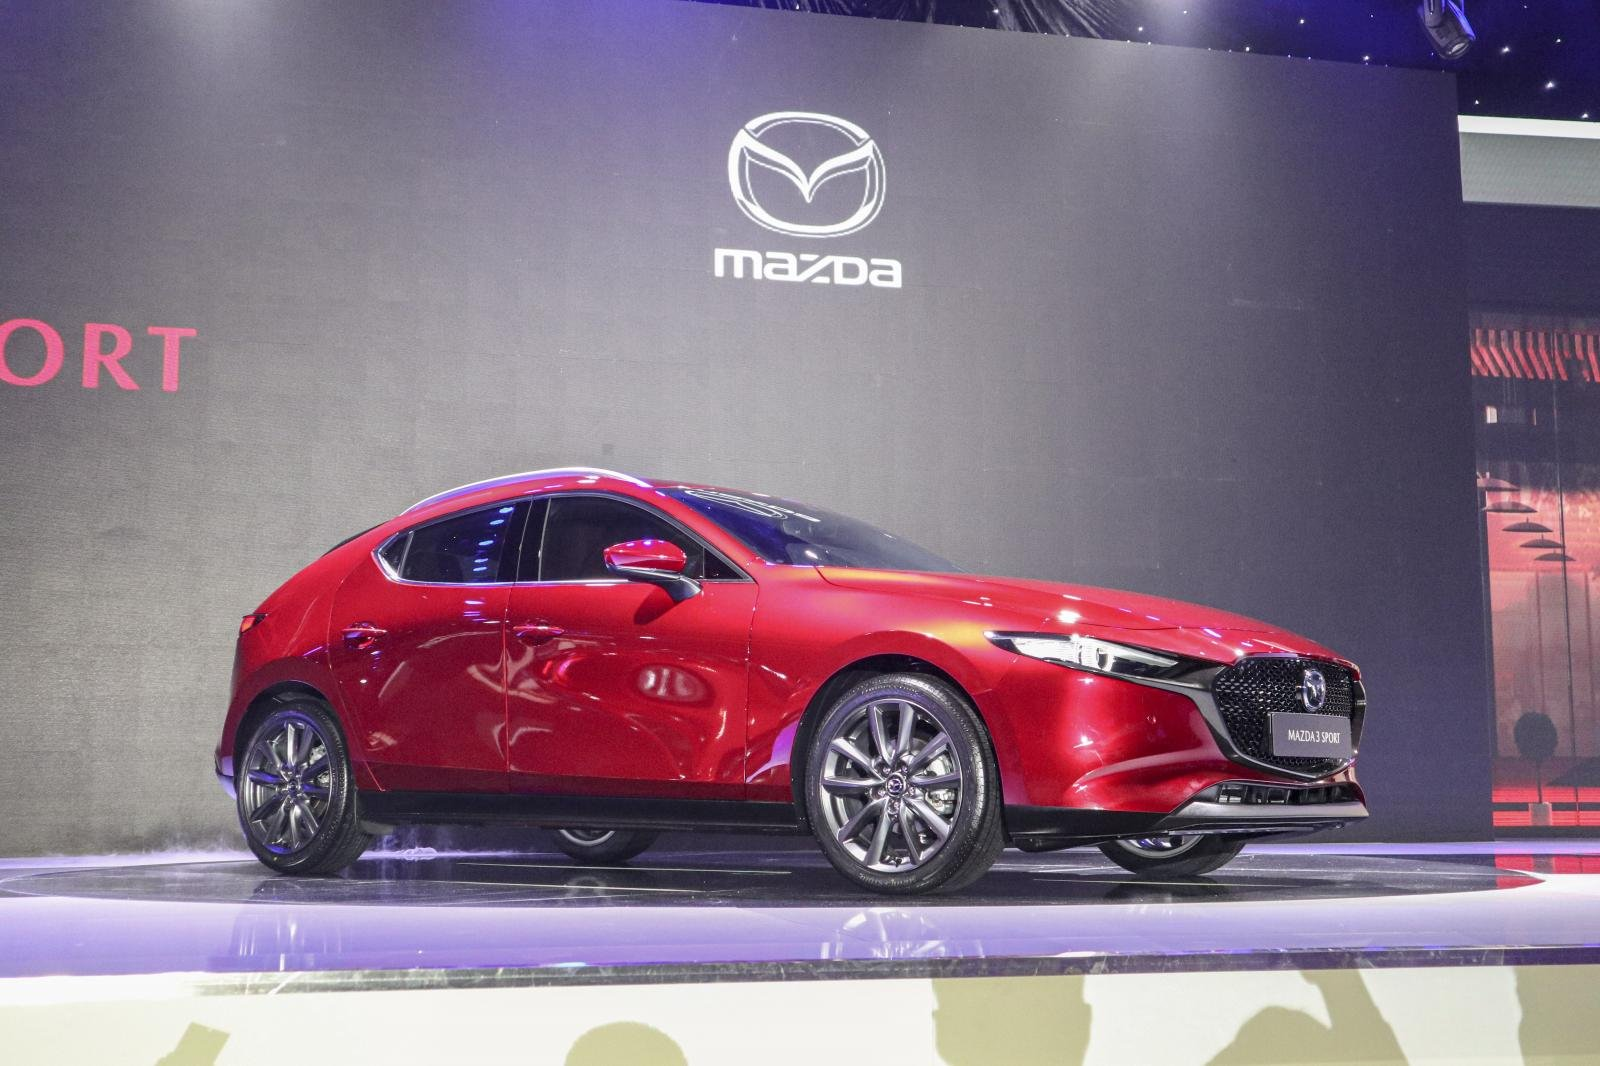 Đánh giá xe Mazda 3 Sport 2020 2.0L Premium: Thiết kế đầu xe.